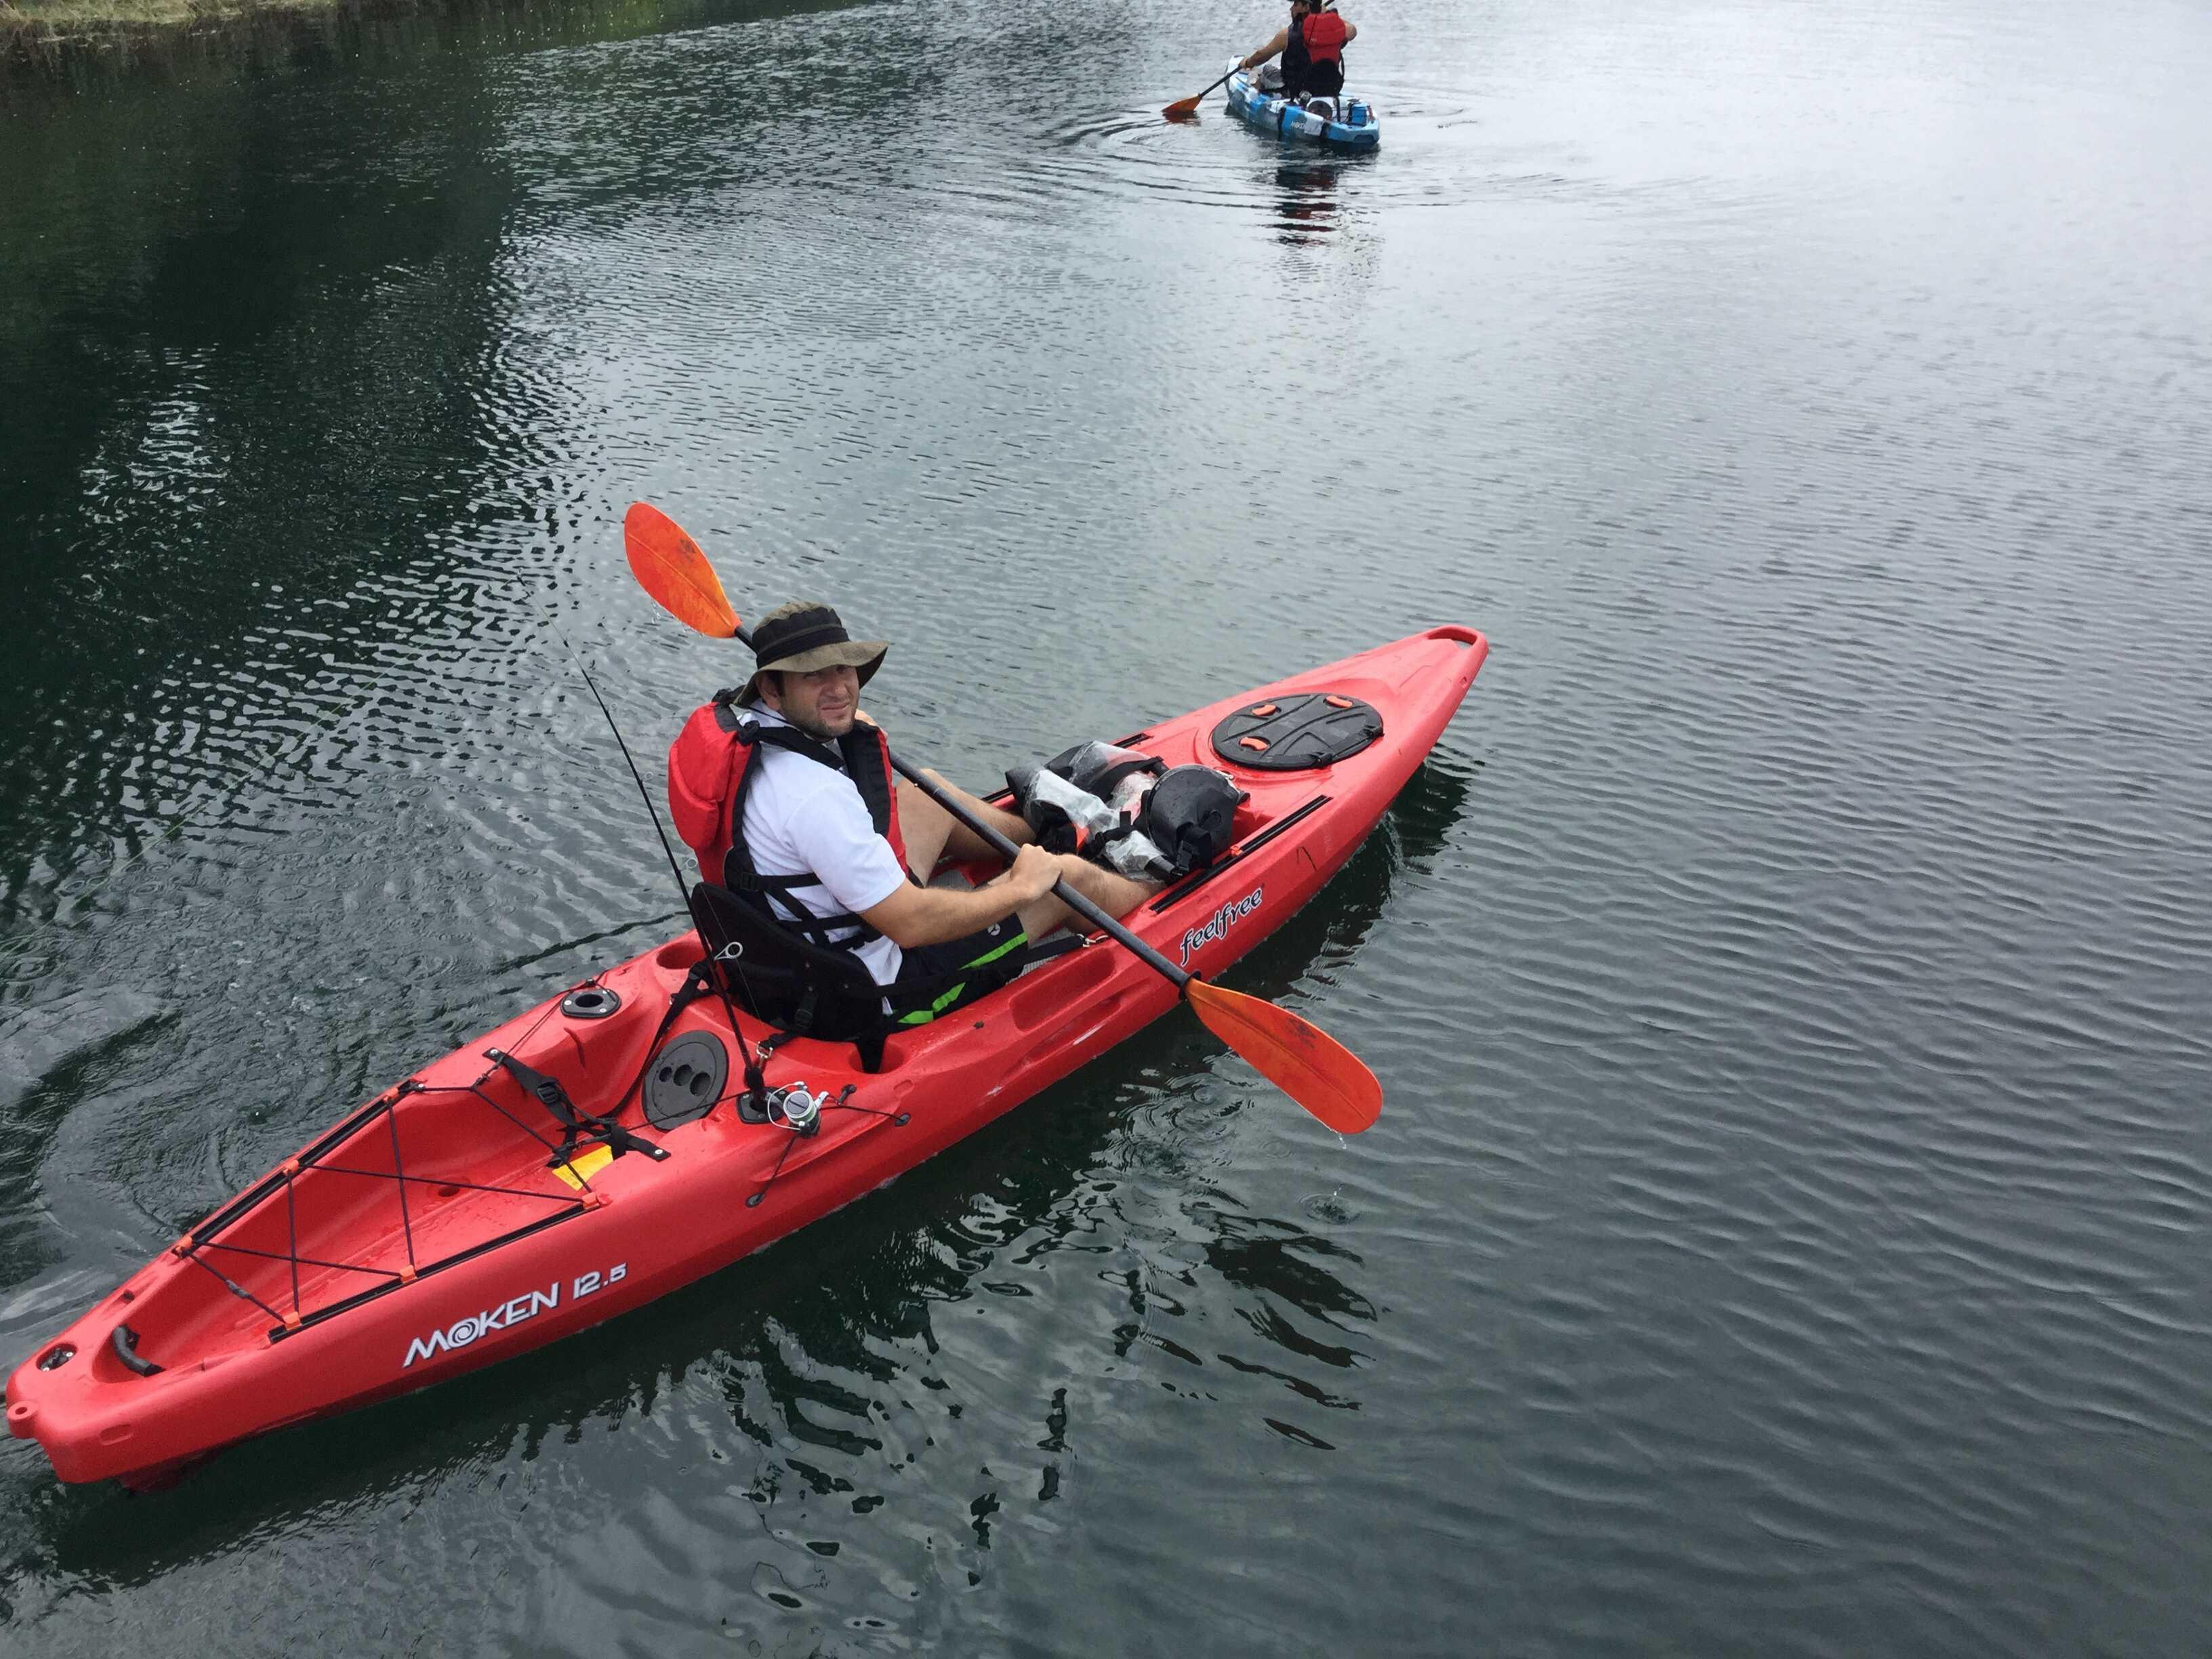 Kayaking on the Peñas Blancas River